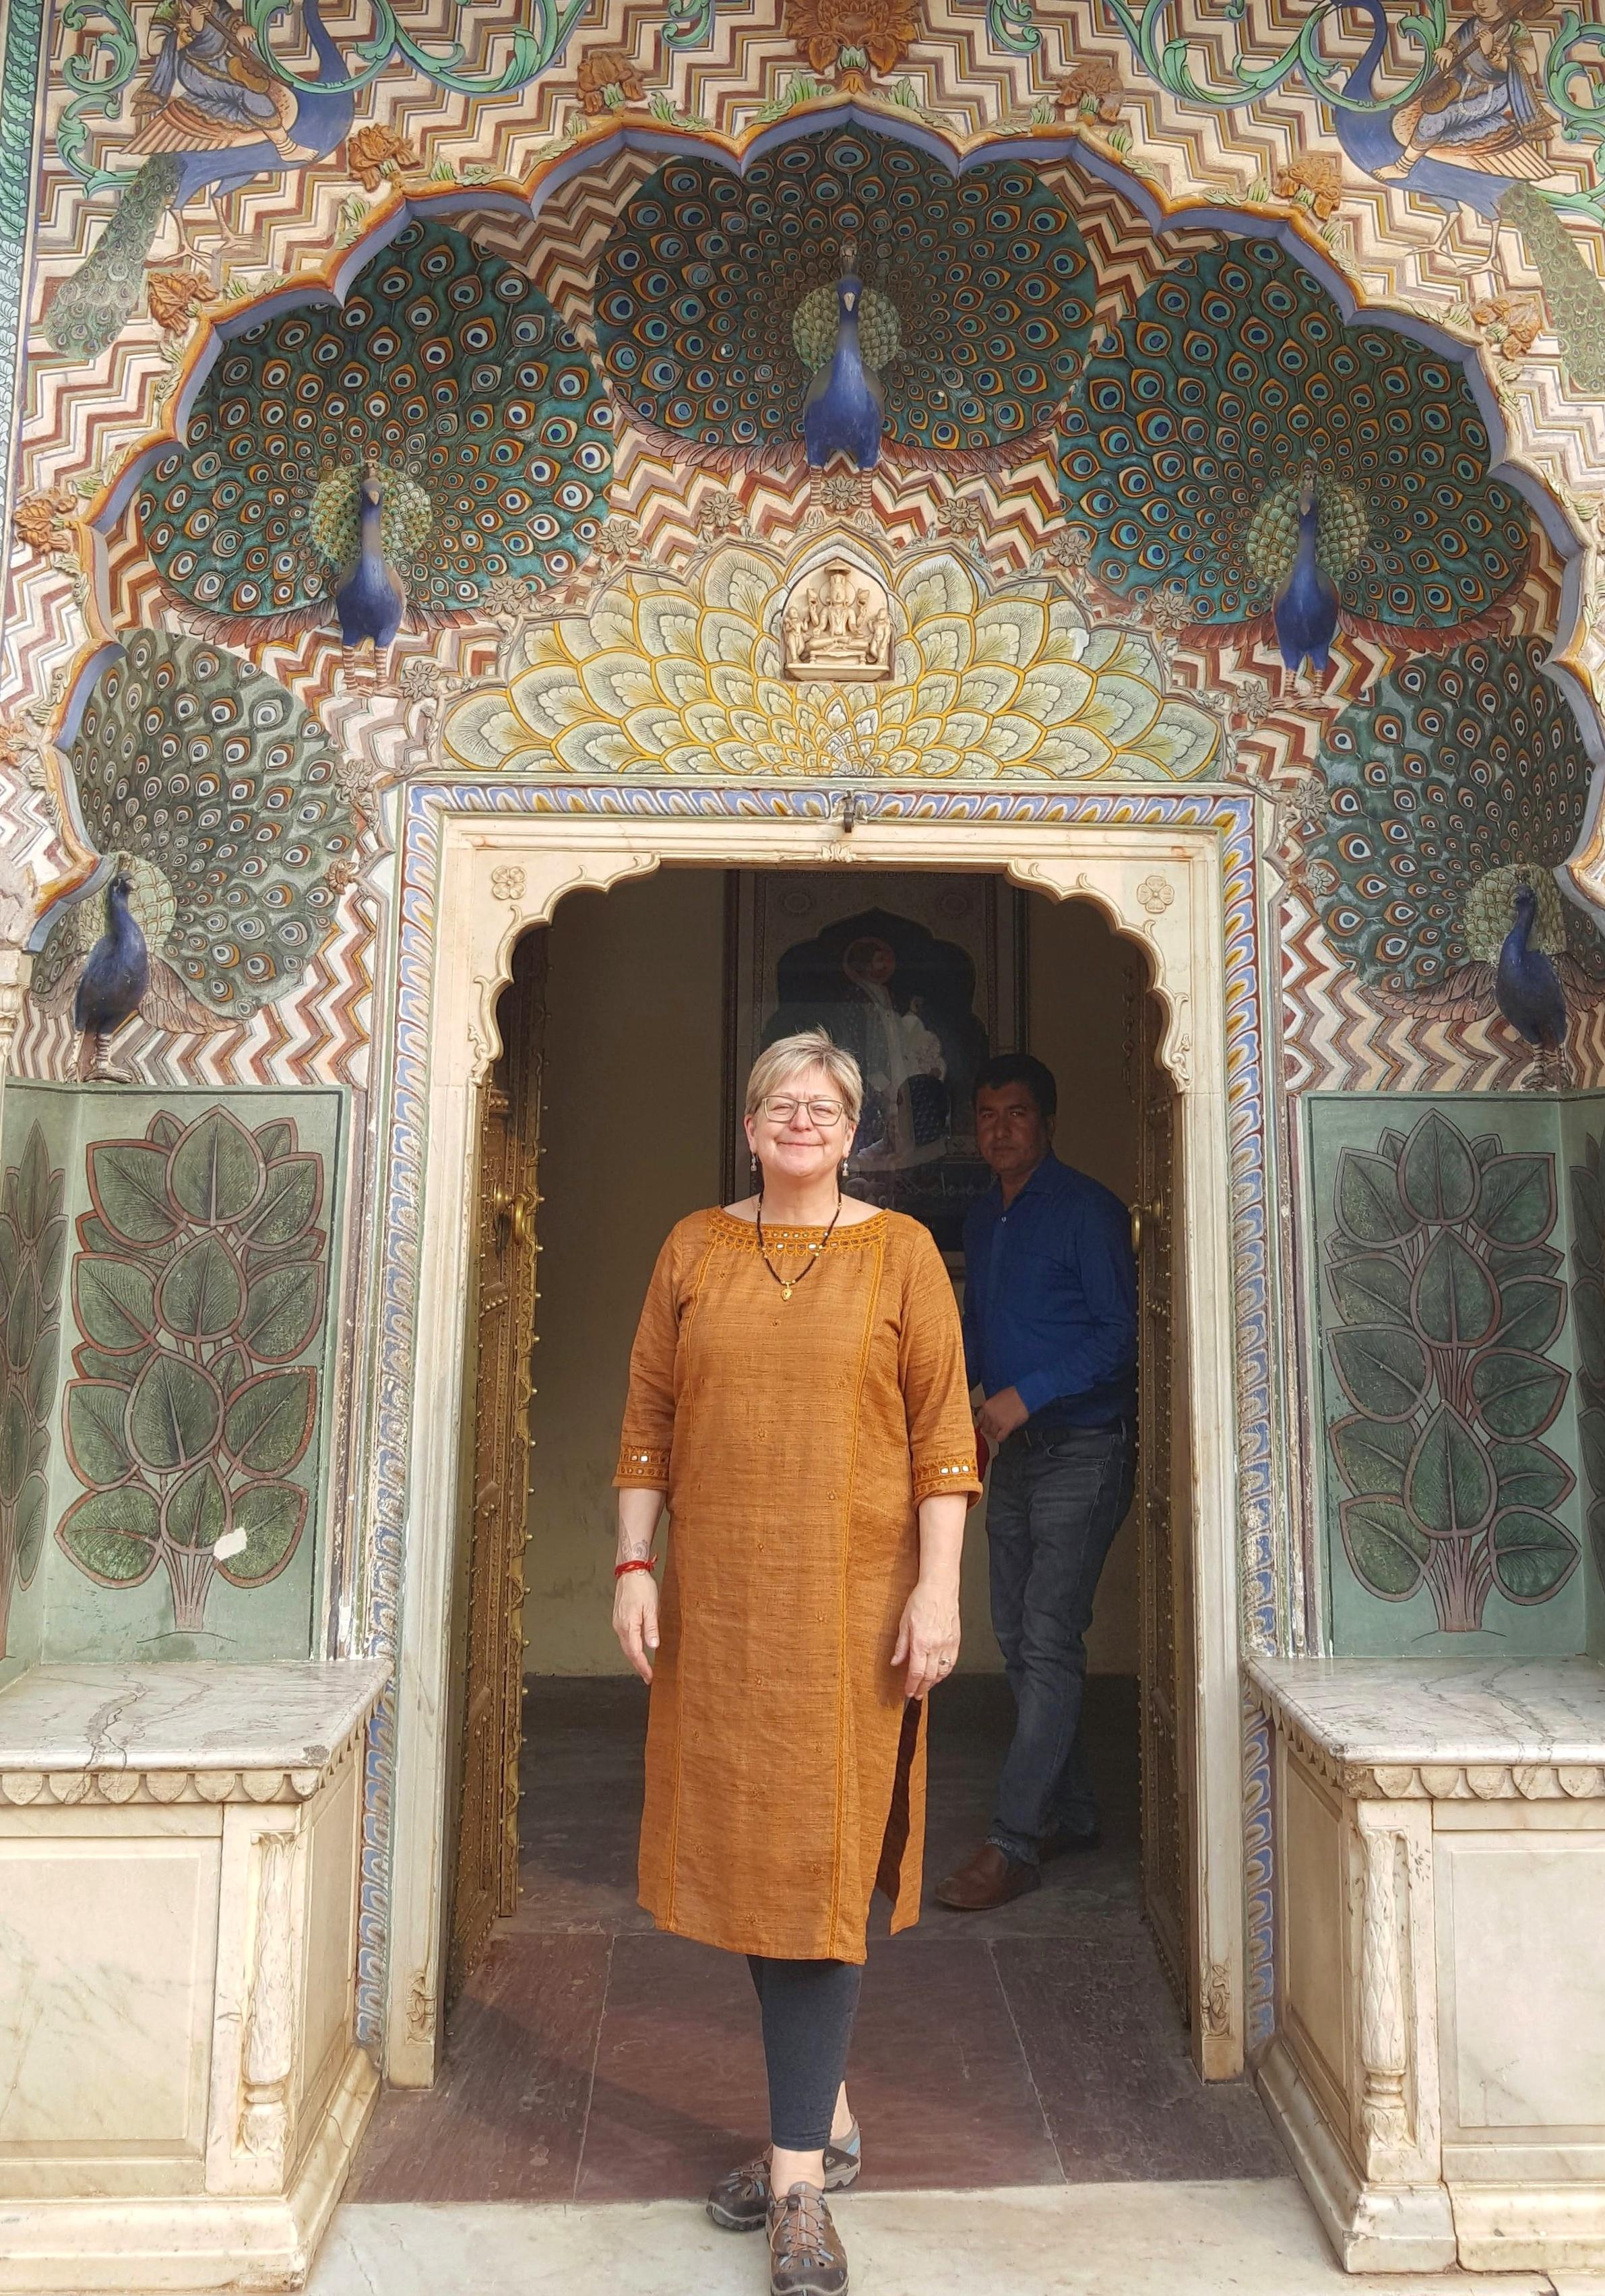 Kim Hammer, at the Jaipur City Palace Peacock Doorway